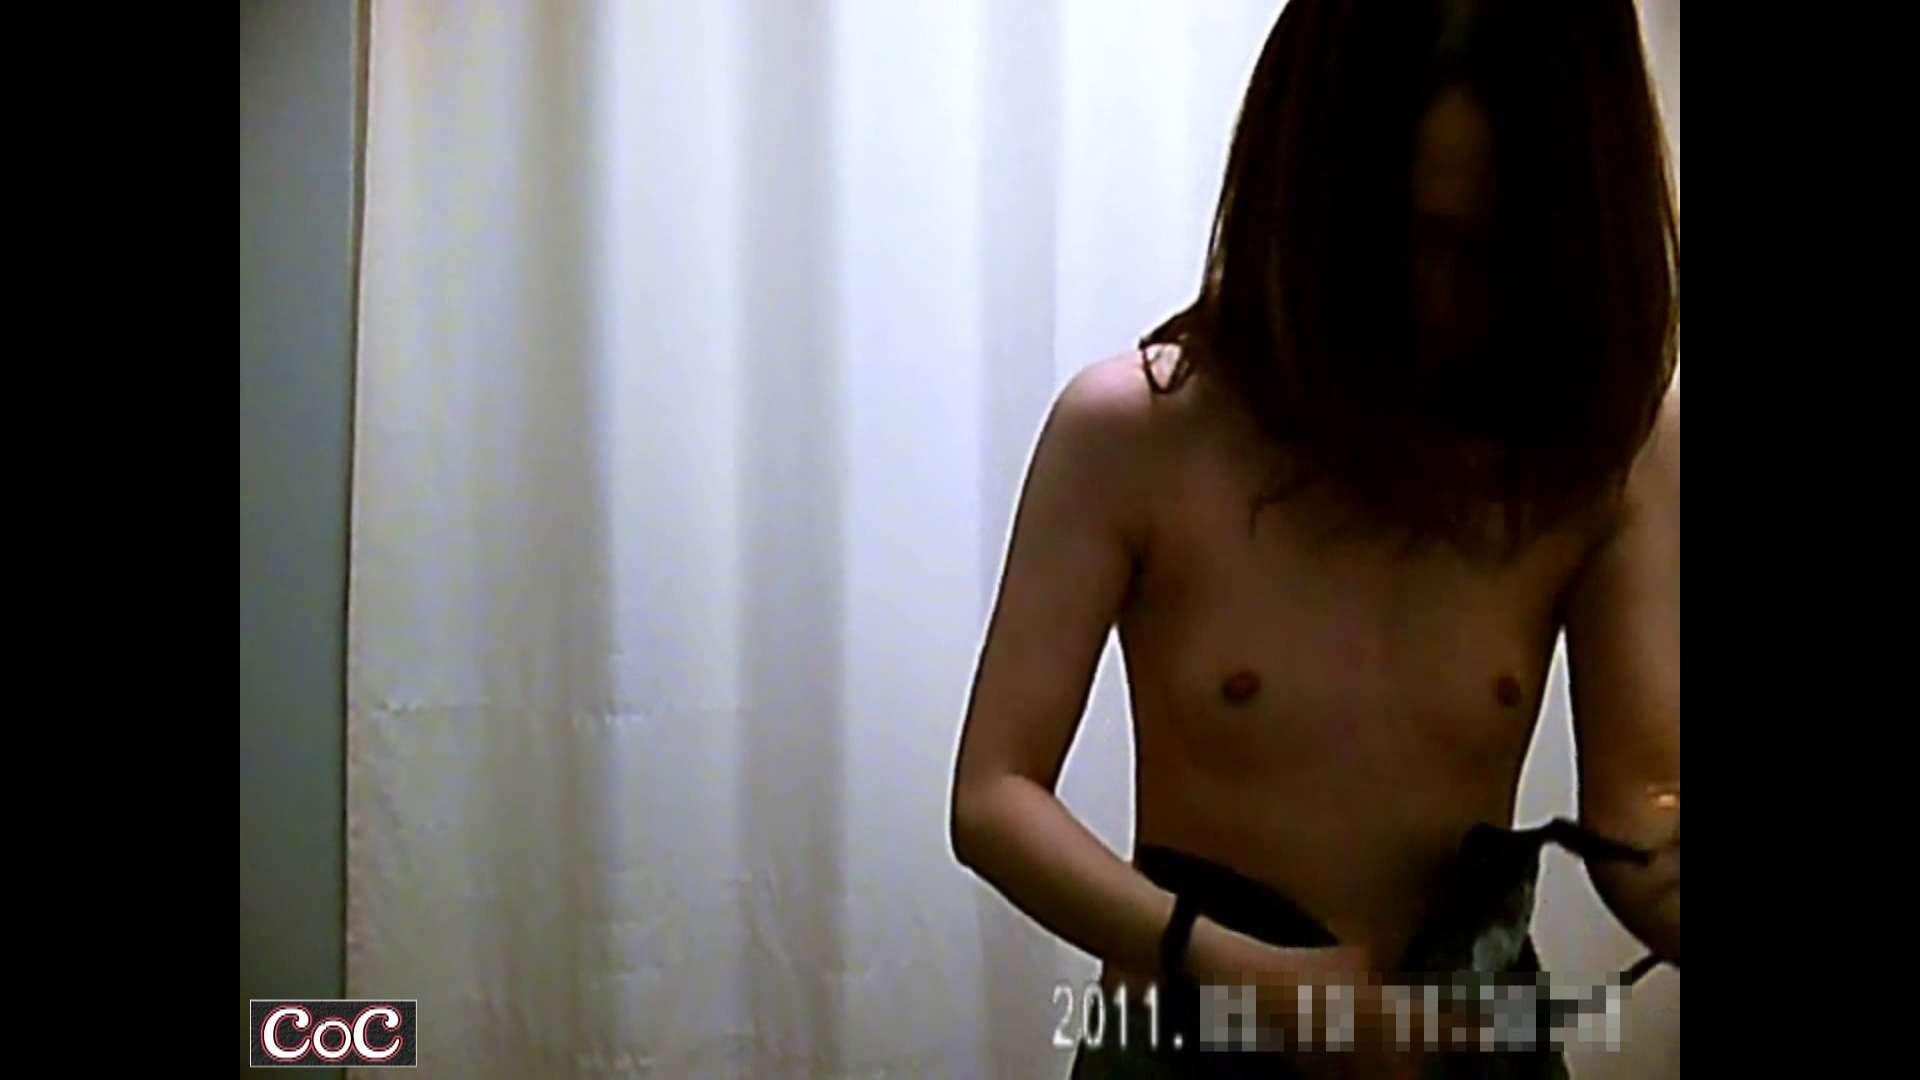 エッチ 熟女|元医者による反抗 更衣室地獄絵巻 vol.284|怪盗ジョーカー